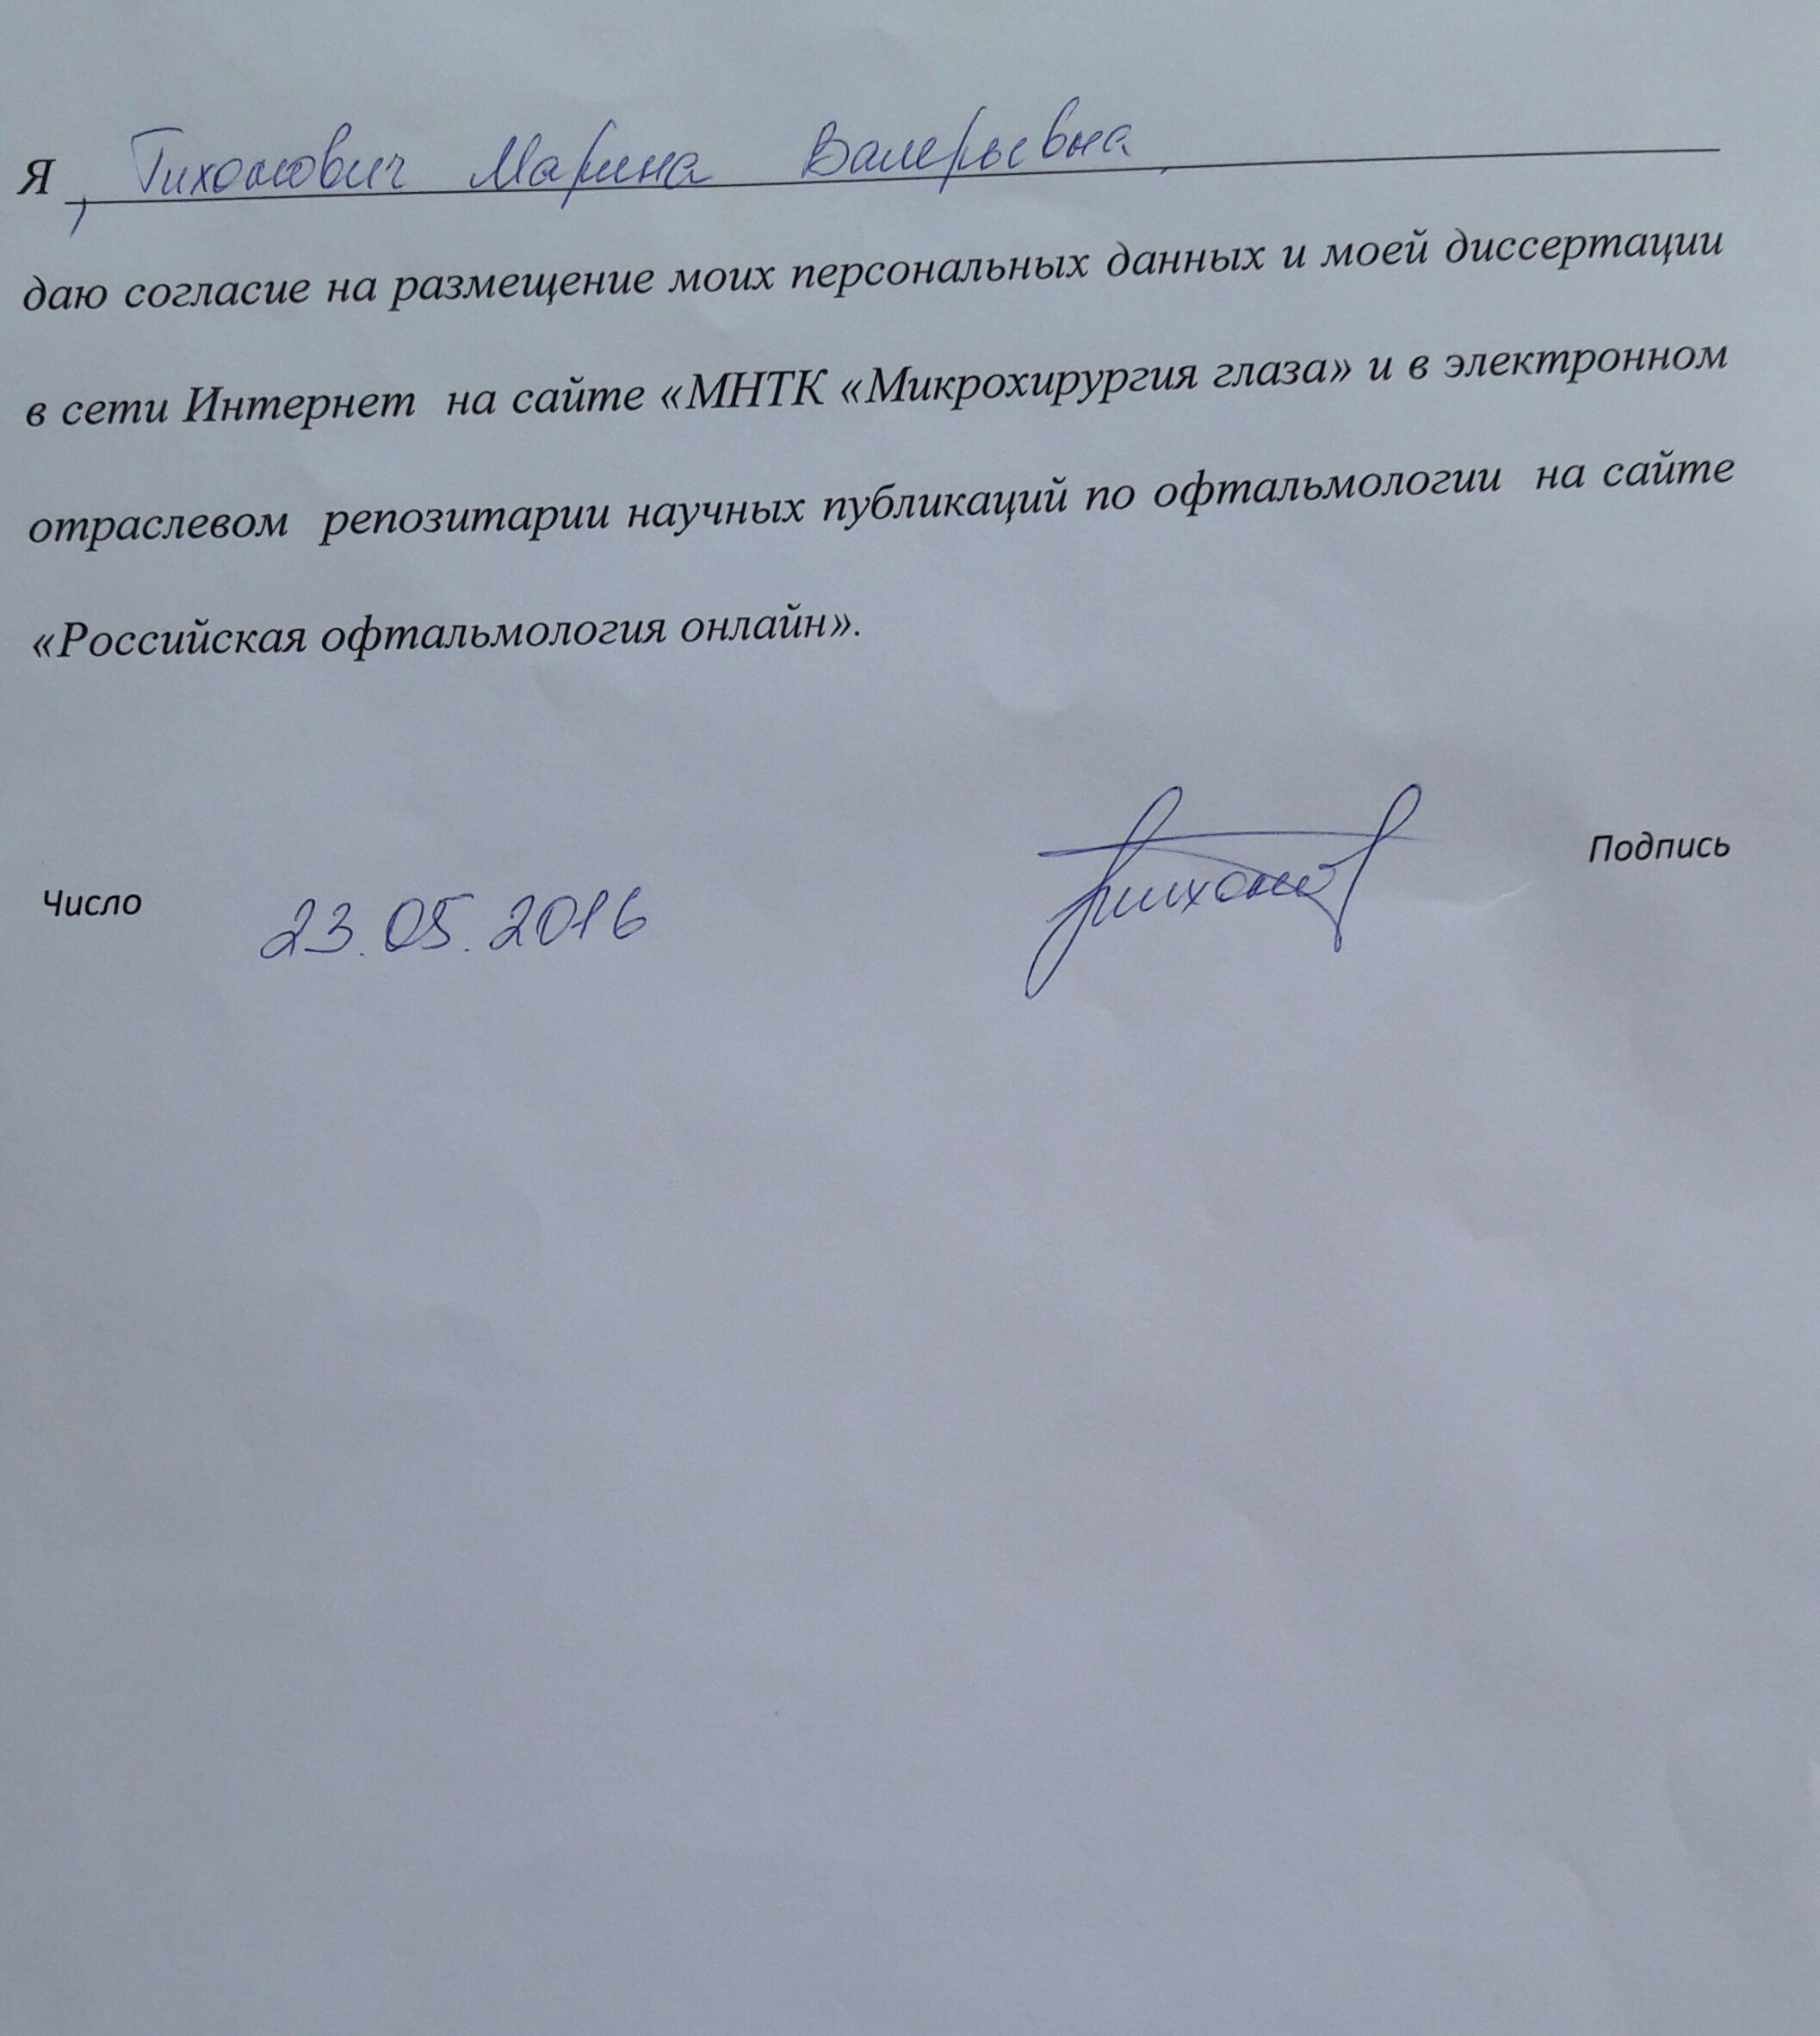 Тихонович Марина Валерьевна Согласие на размещение персональных данных и диссертации в сети интернет